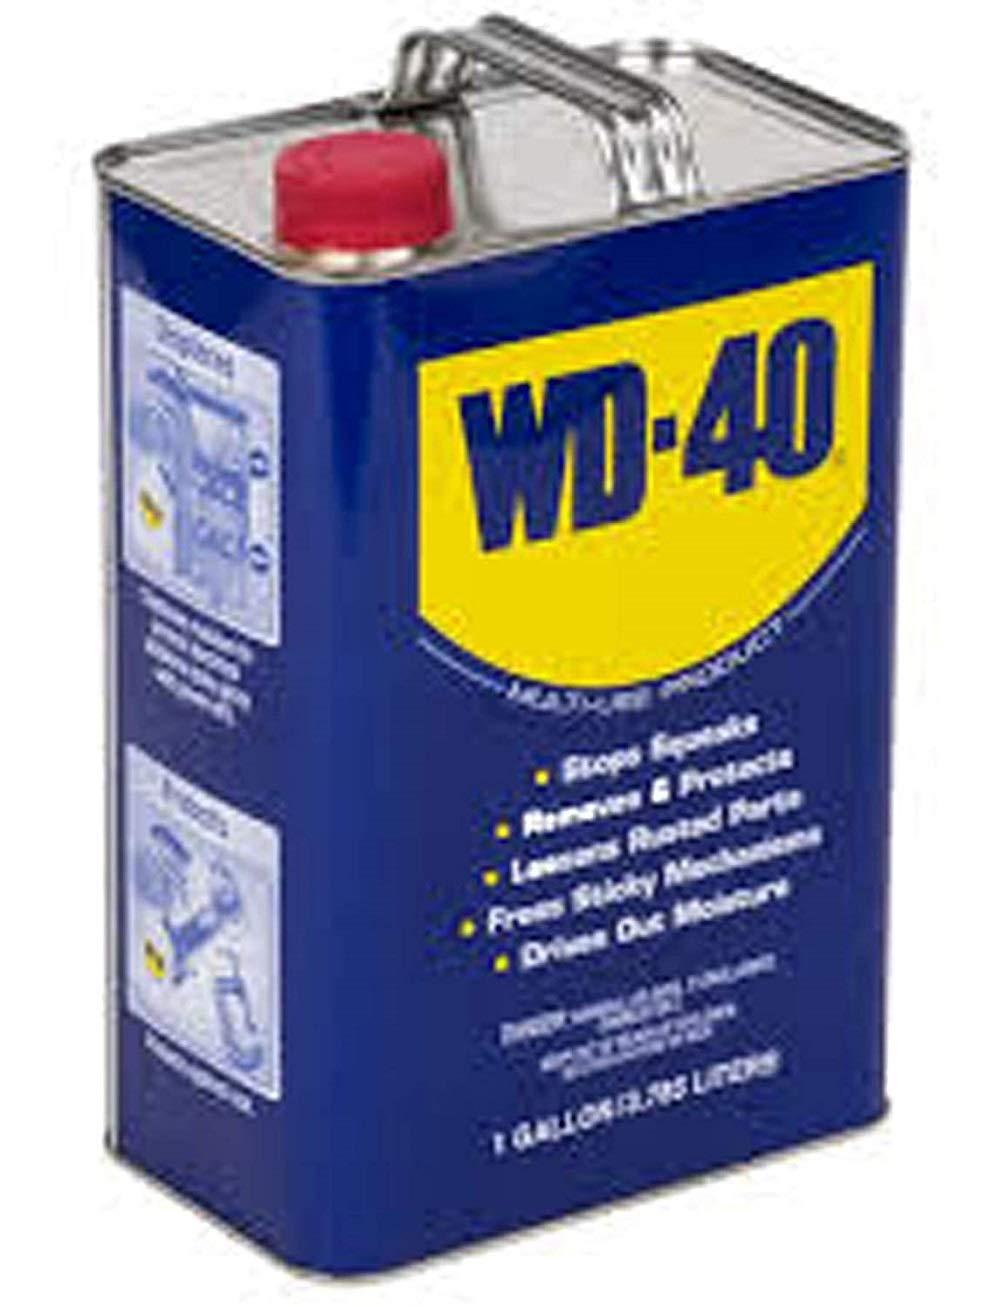 WD-40 490111 multiusos lubricante producto Heavy Duty un galón, 1 Gallon, 1: Amazon.es: Industria, empresas y ciencia